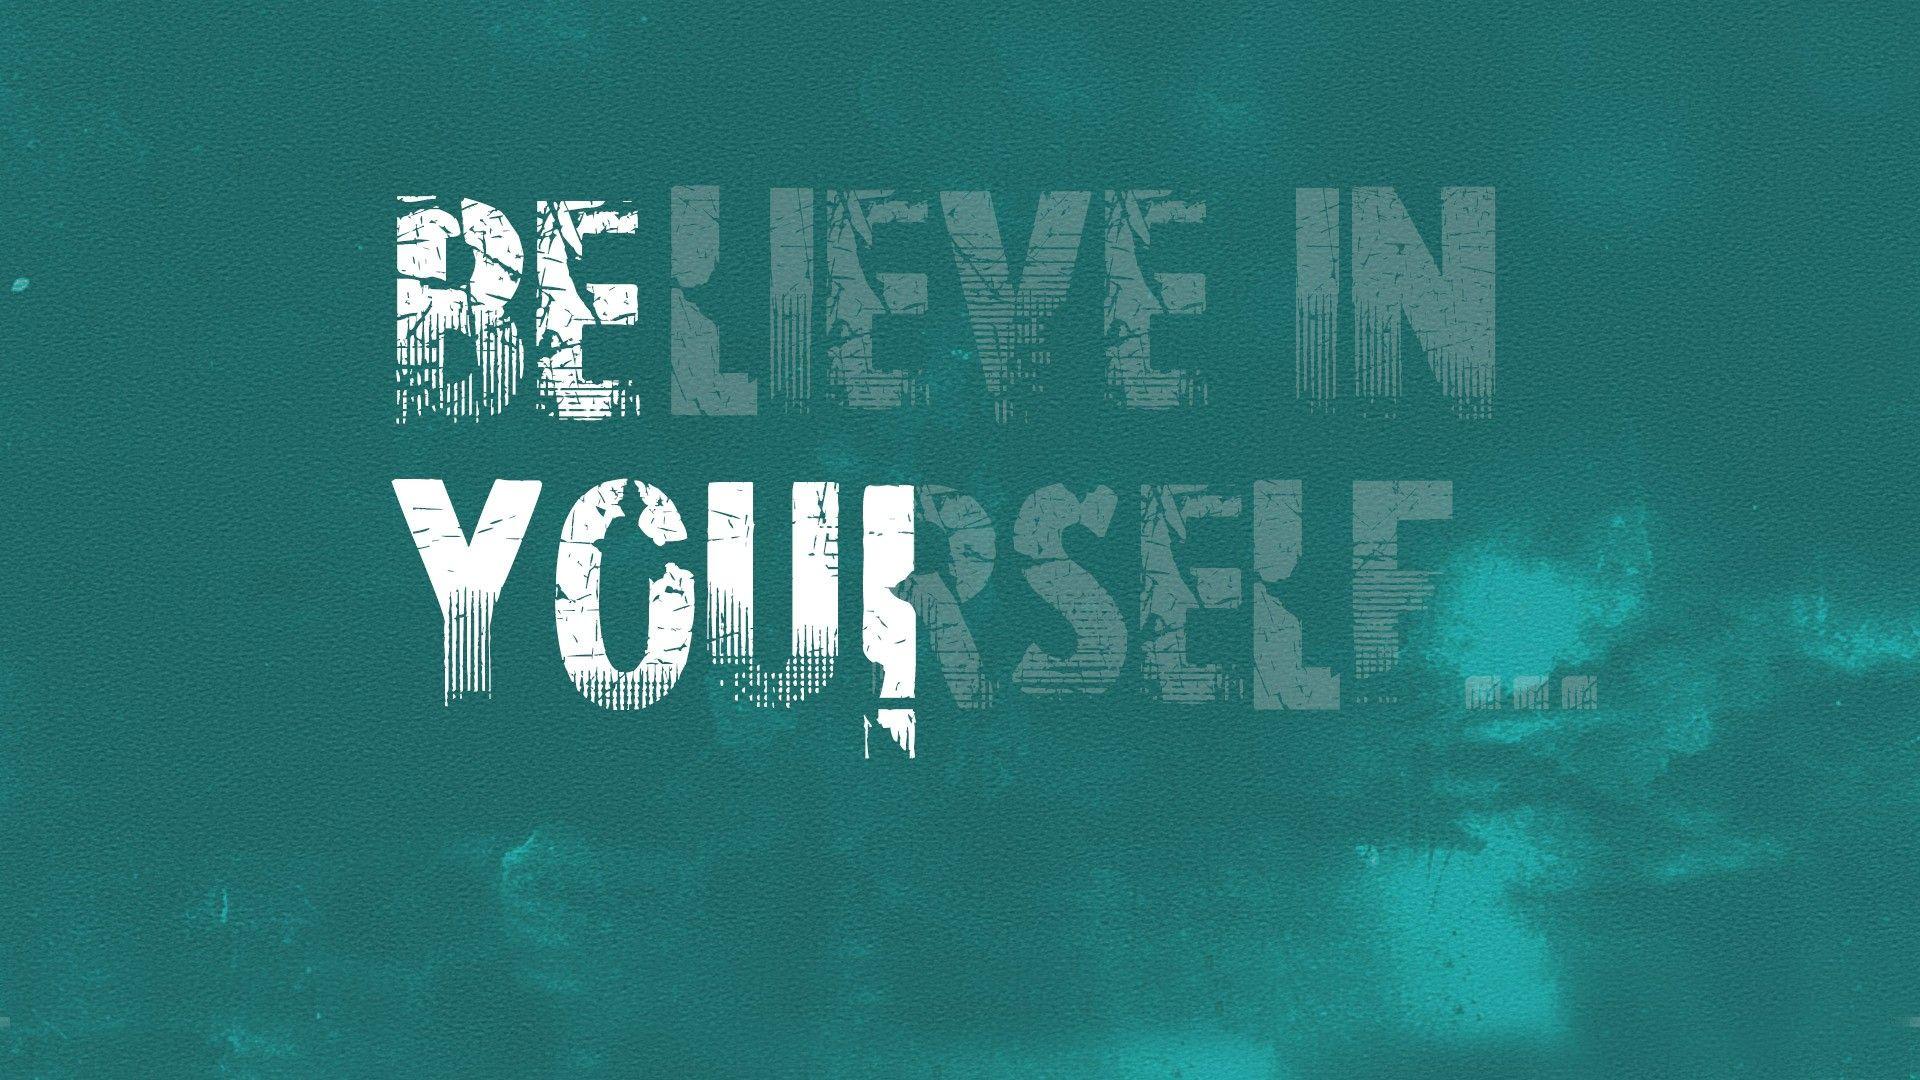 Motivational Quotes Desktop Backgrounds Hd